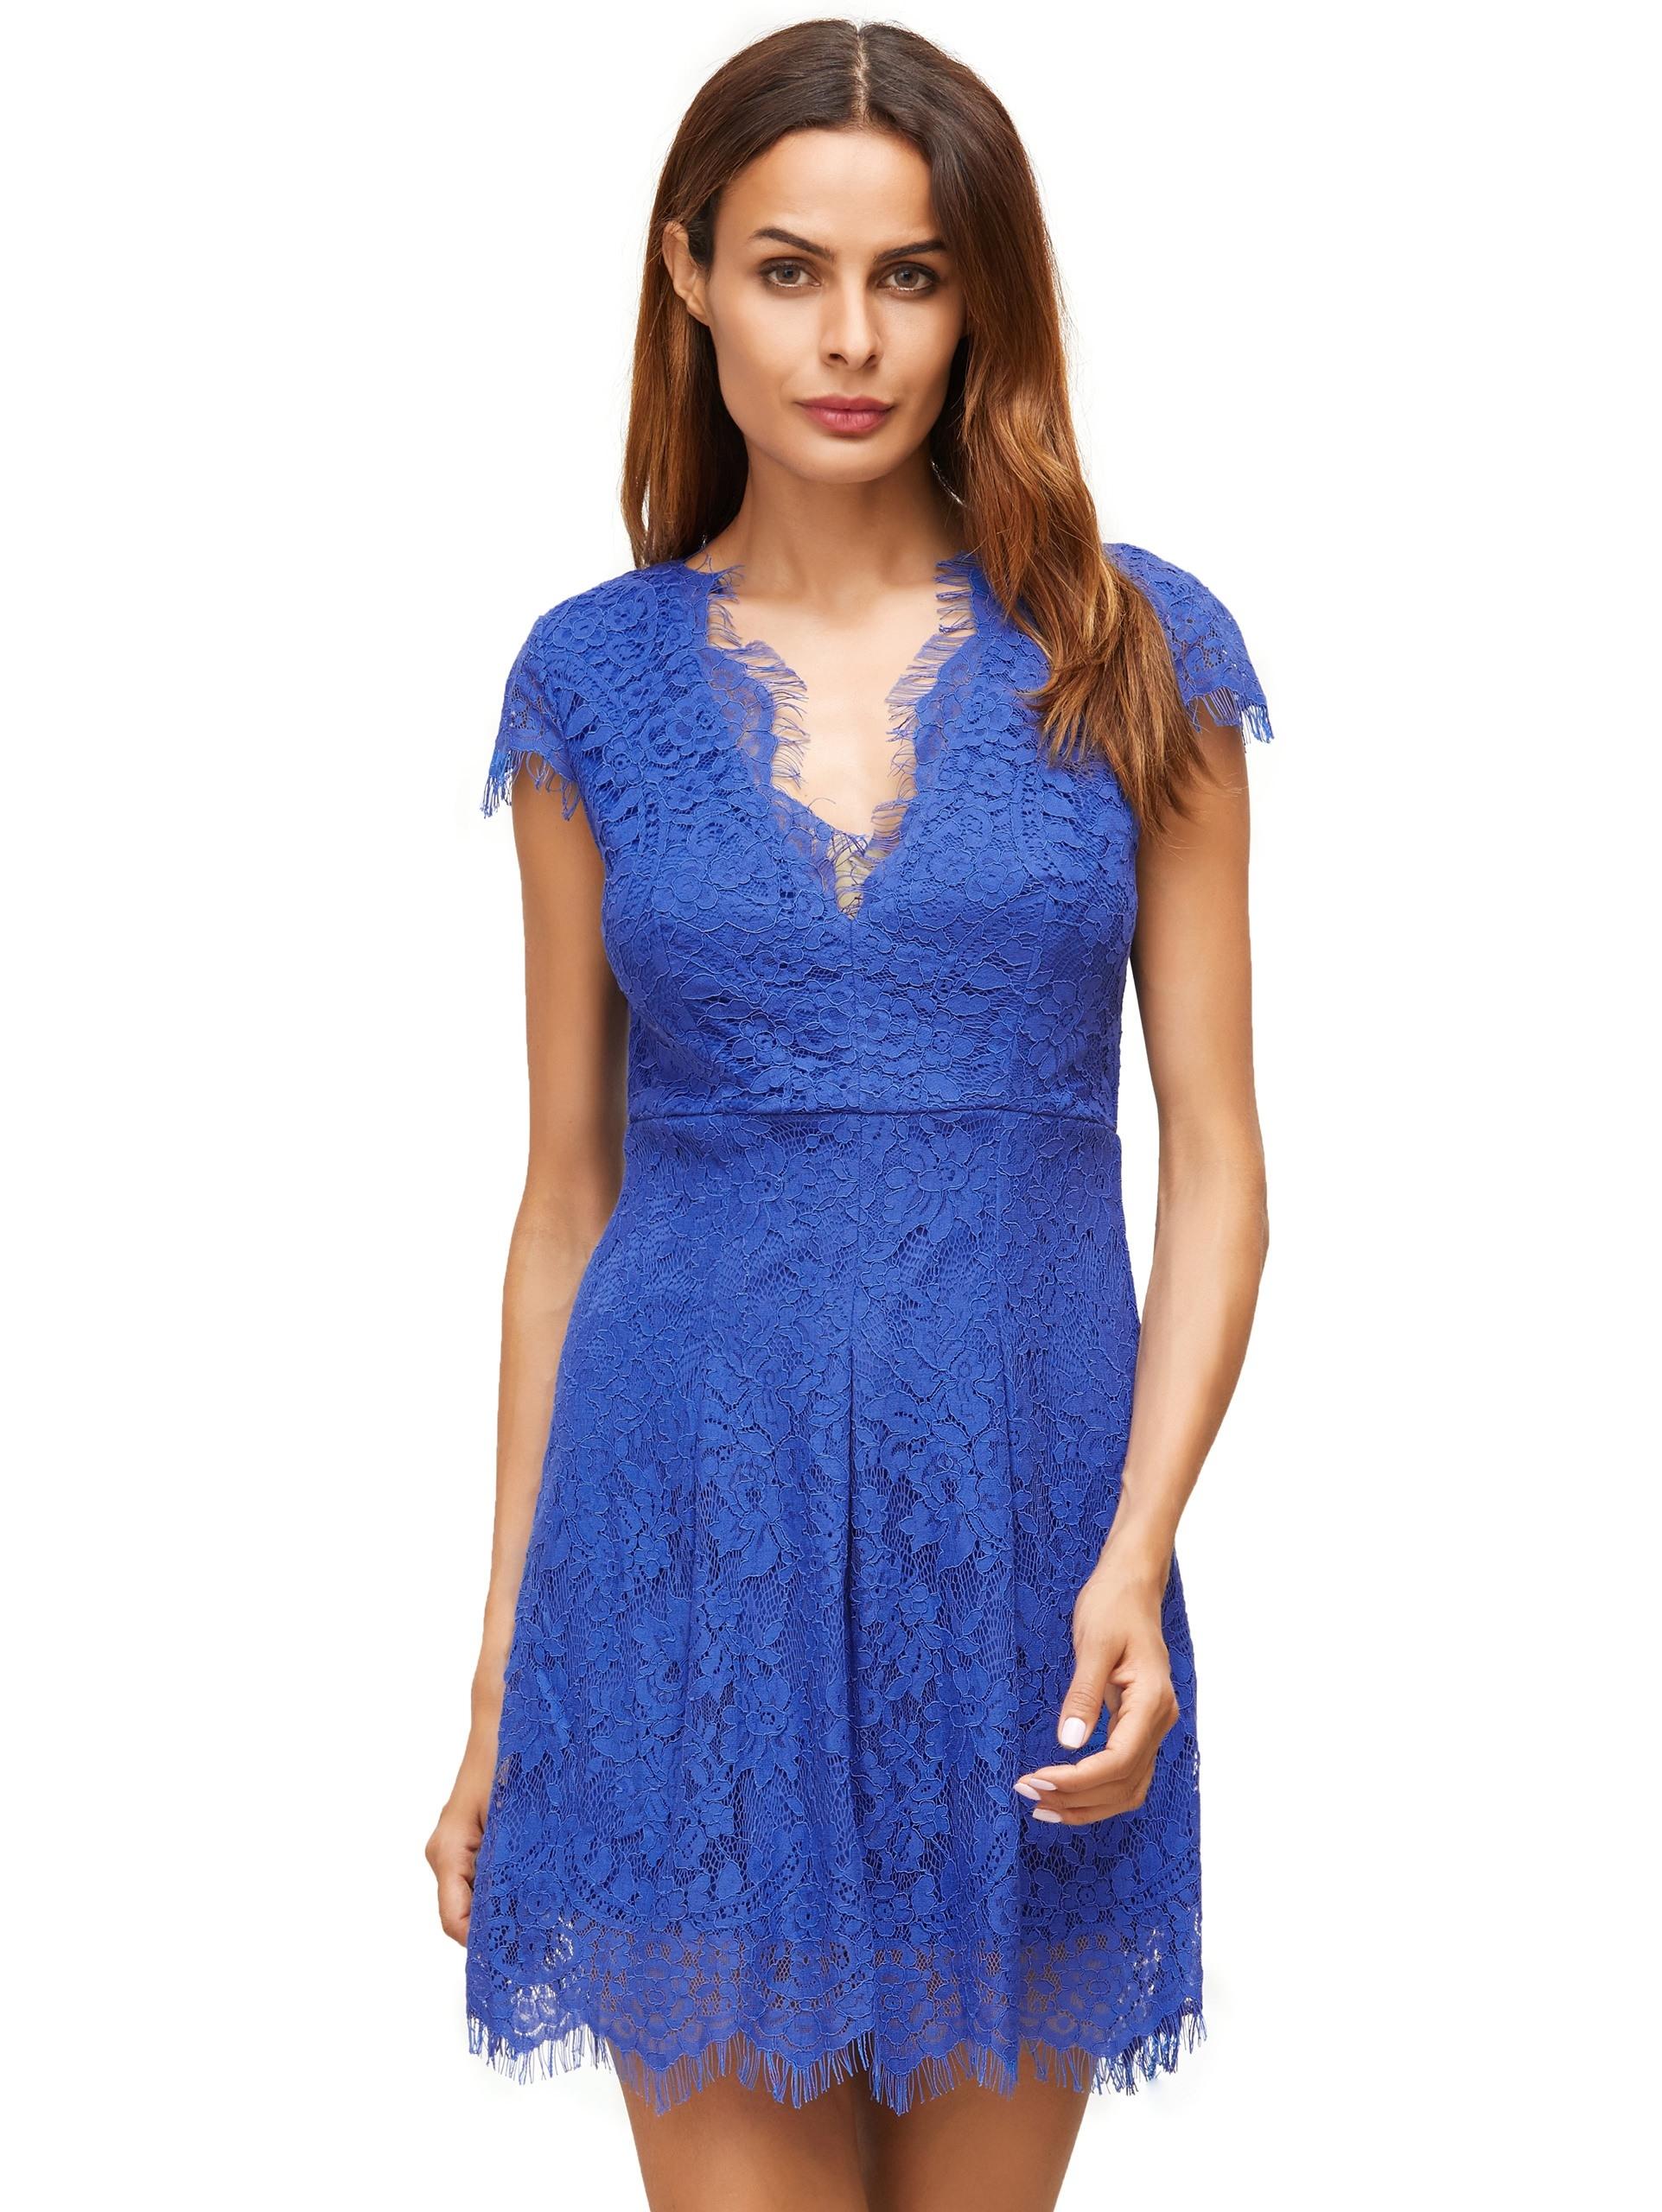 20 Ausgezeichnet Kleid Kurz Spitze Galerie13 Luxurius Kleid Kurz Spitze Ärmel